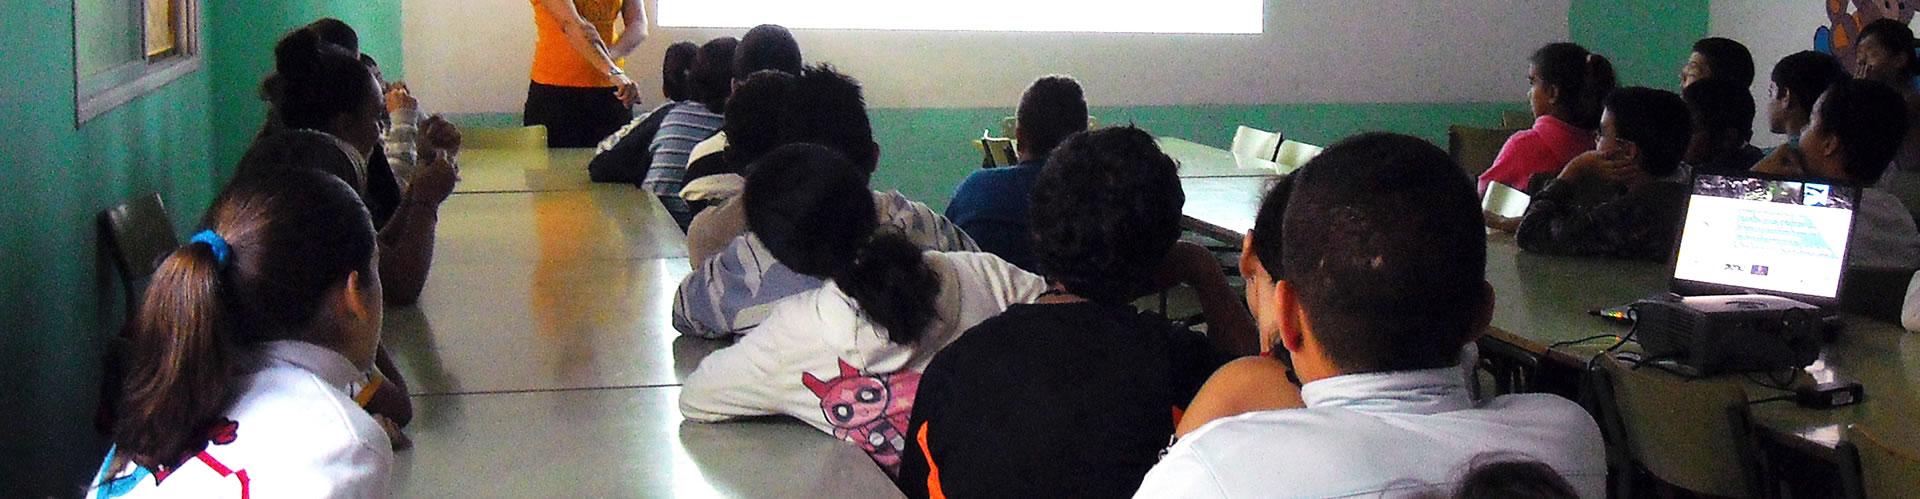 Escolares La Aldea Gran Canaria